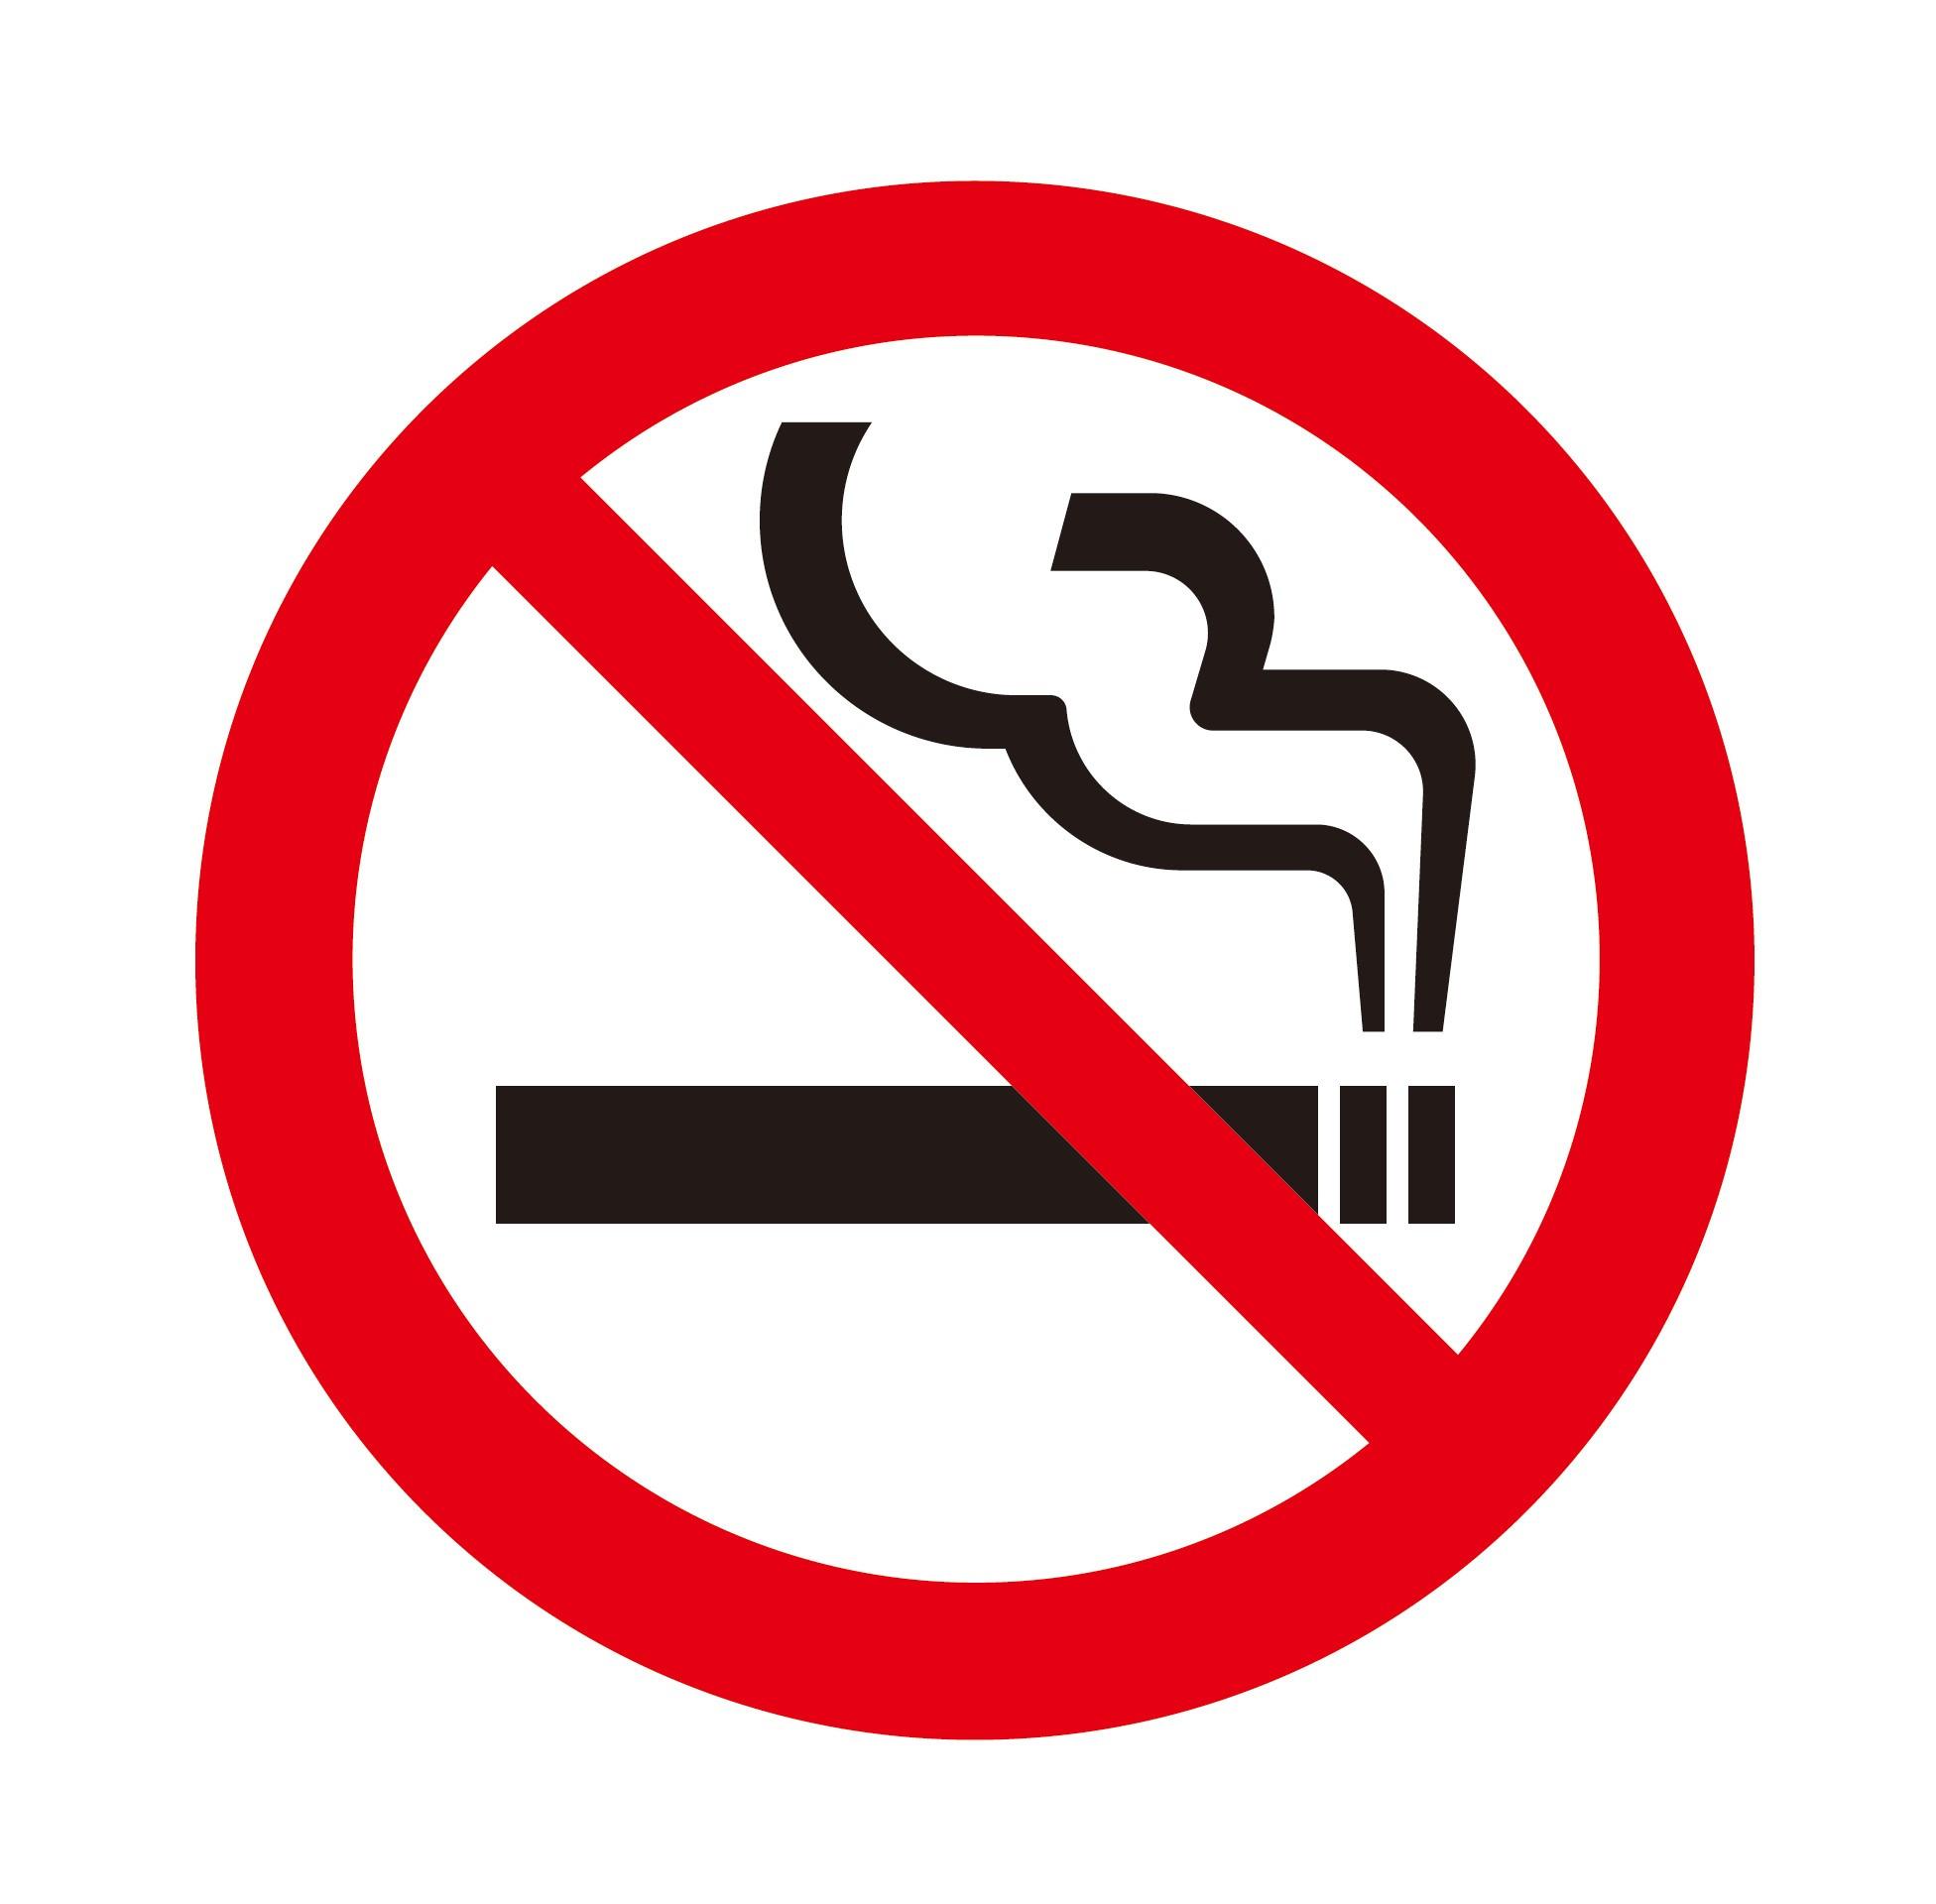 b90928b565115c711eae001c3e61fb48 - 【芸能】がん手術の伊達みきお「やめる方向で」禁煙を決意 [爆笑ゴリラ★]